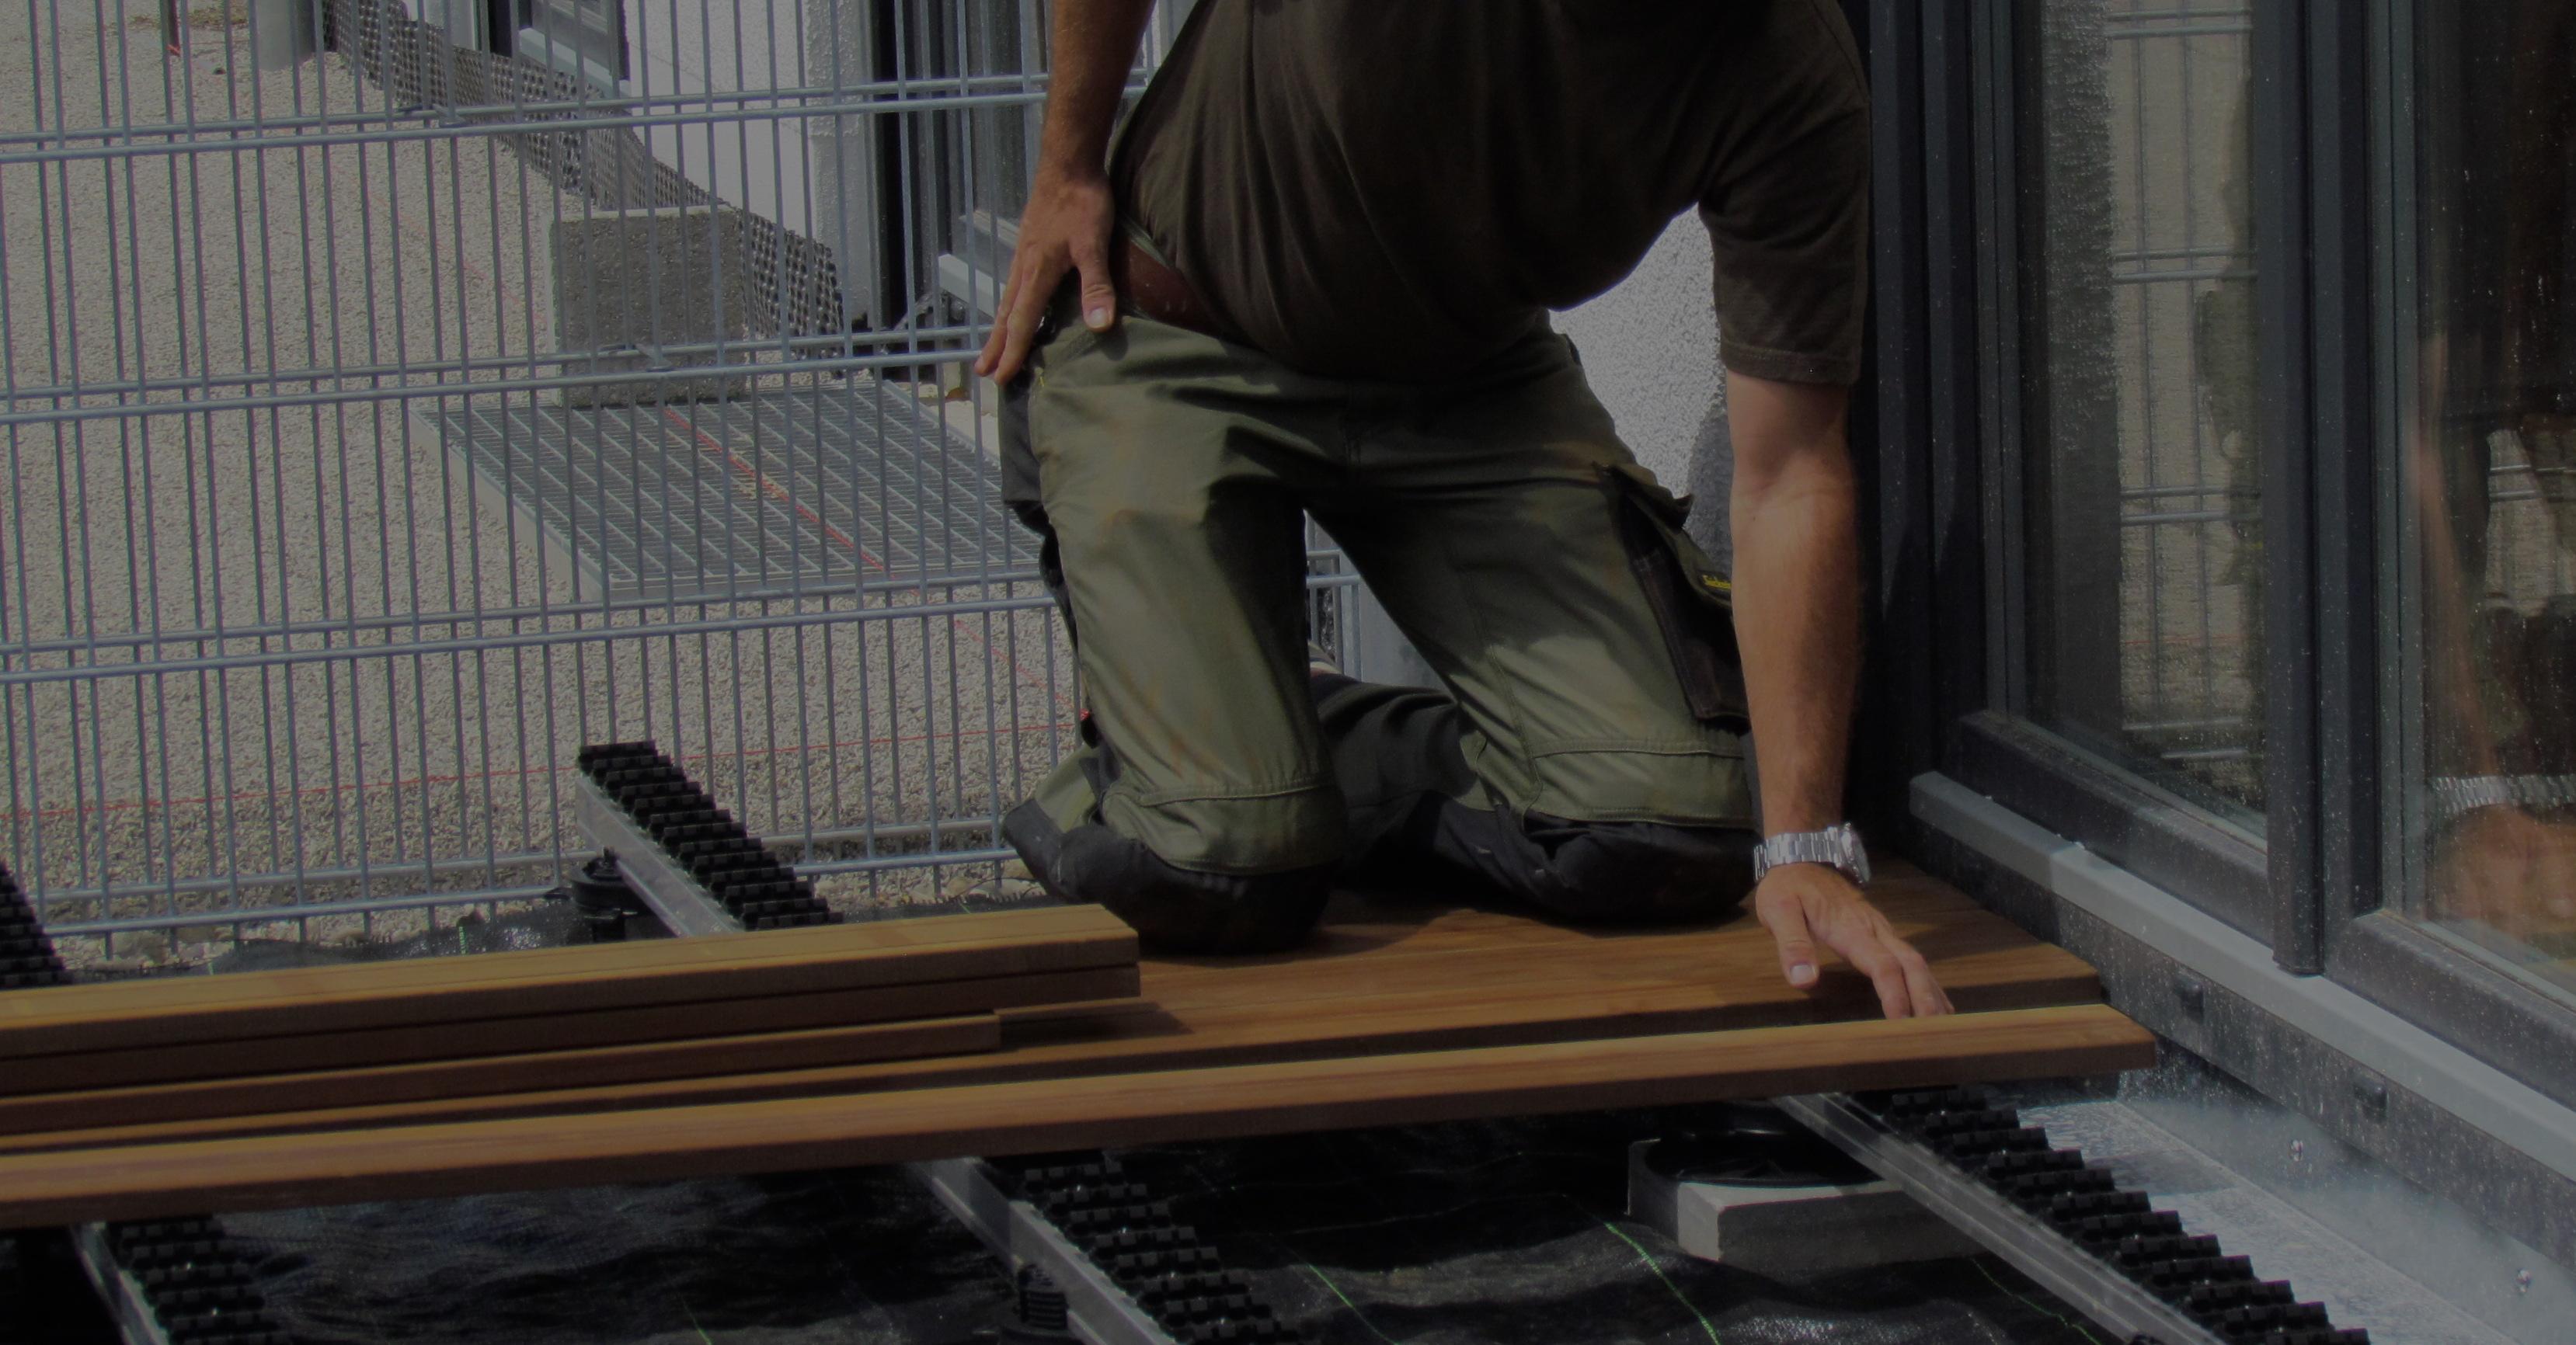 Holzterrassen in München, Dachau und Augsburg